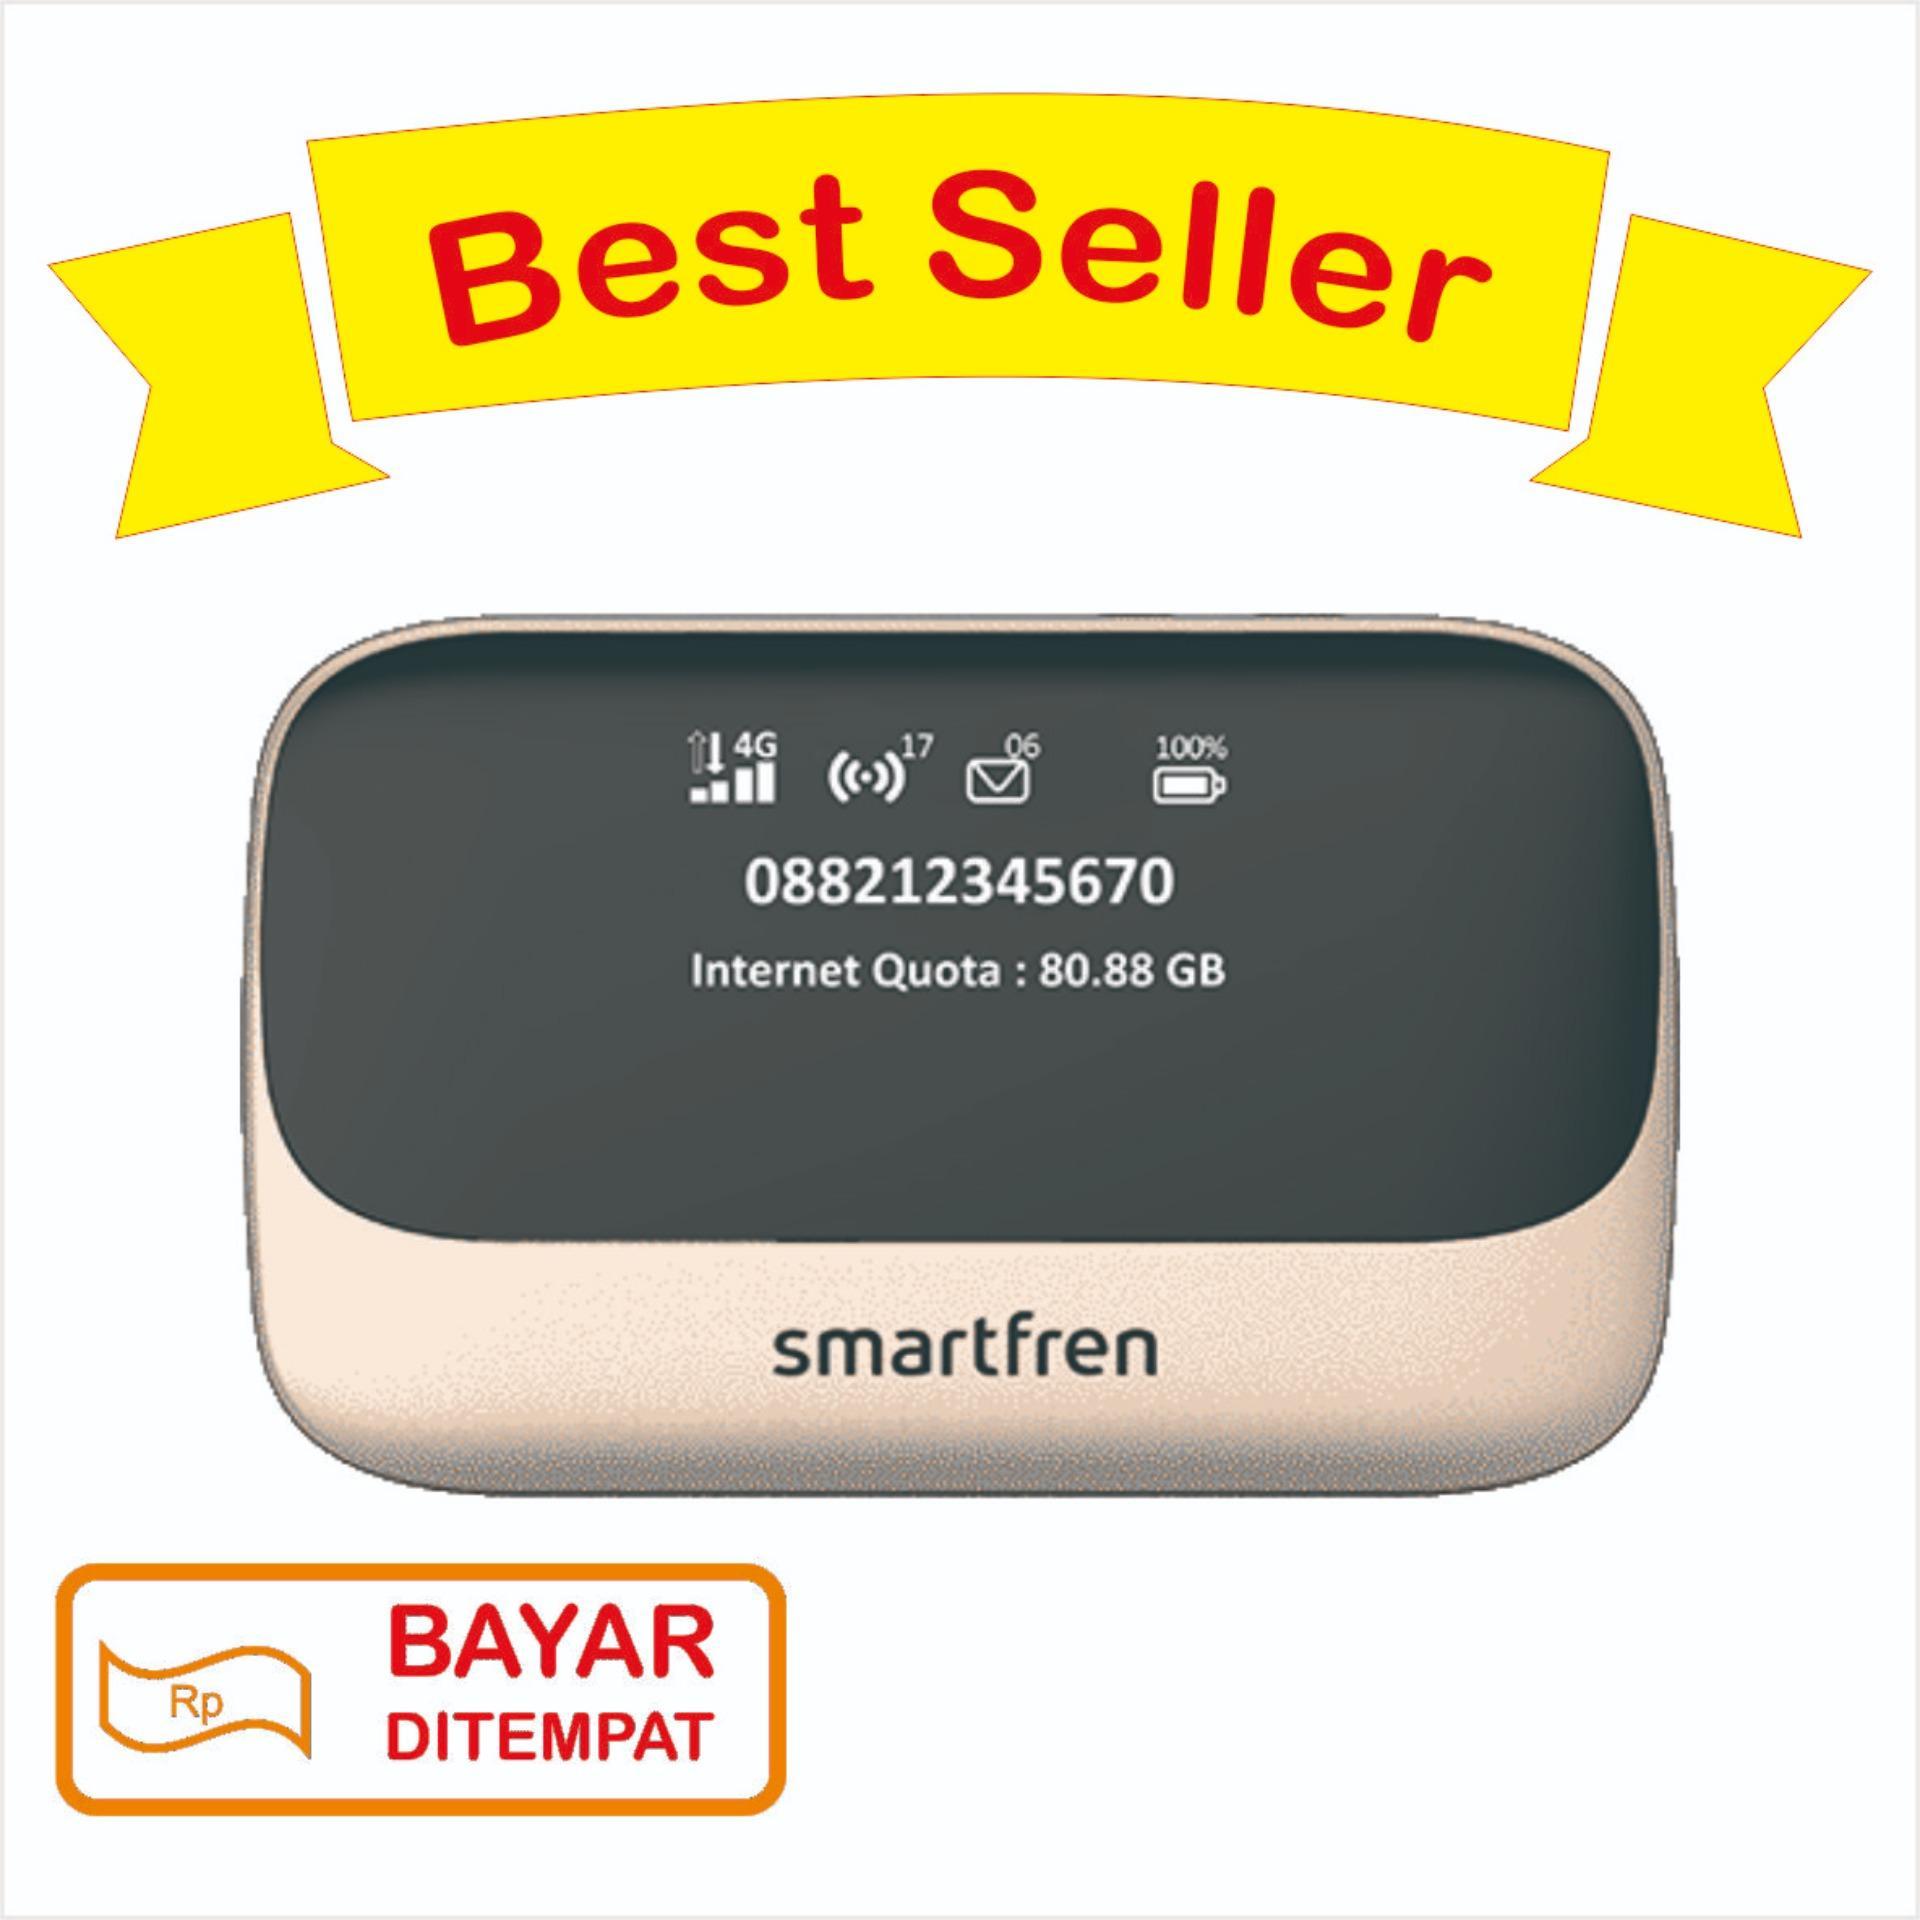 Jual Produk Andromax Online Terbaru Di Voucher Smartfren 3 Gb Modem Wifi Mifi Mini M6 Bisa Jadi Power Bank